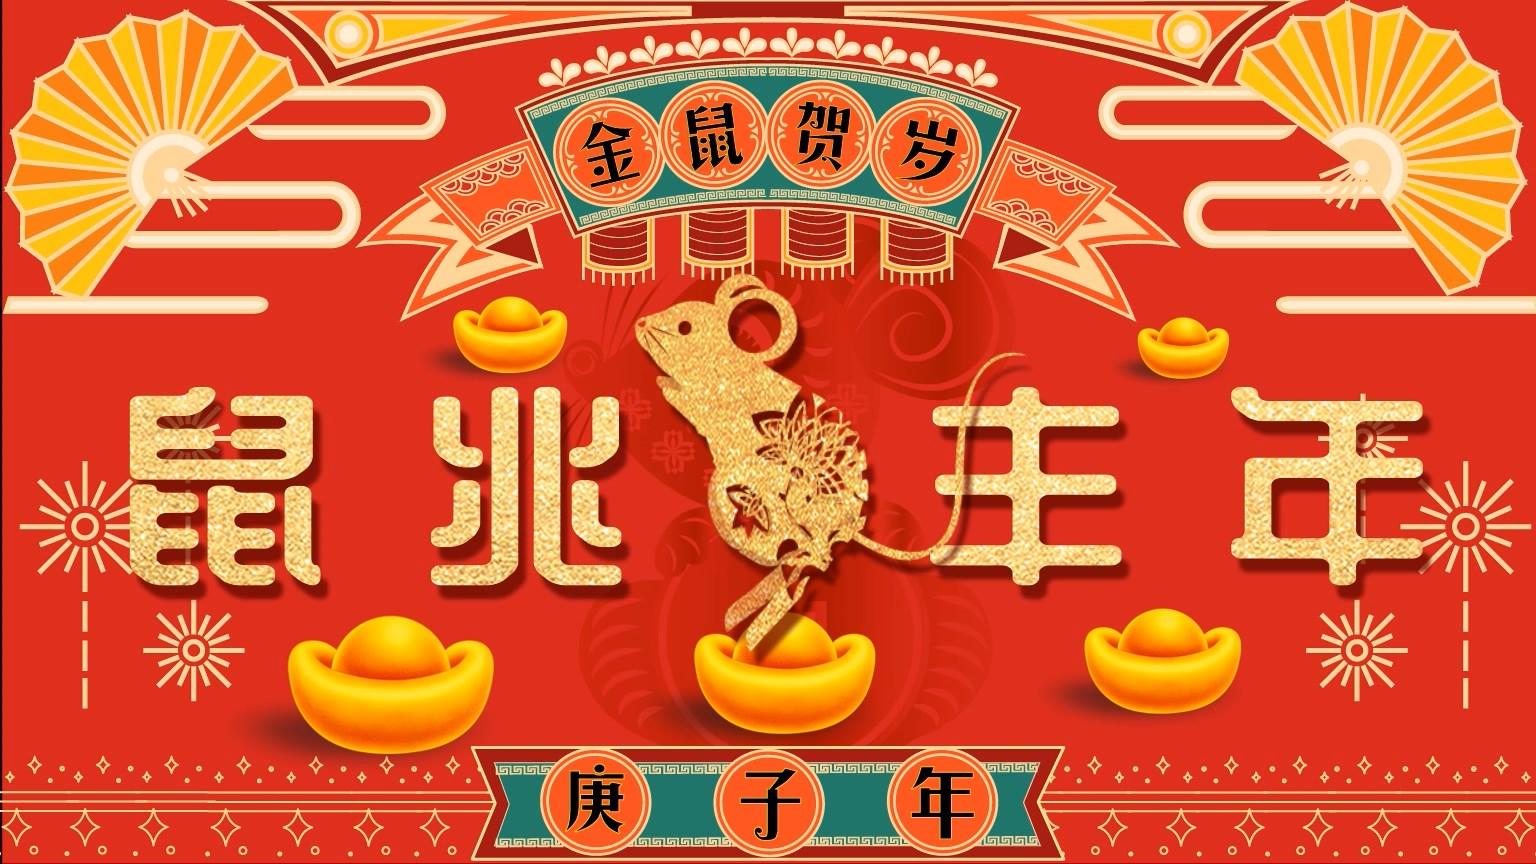 北京鼠年(+片头)-15s-dq-v4.mp4_snapshot_00.02_[2020.01.21_11.43.21]